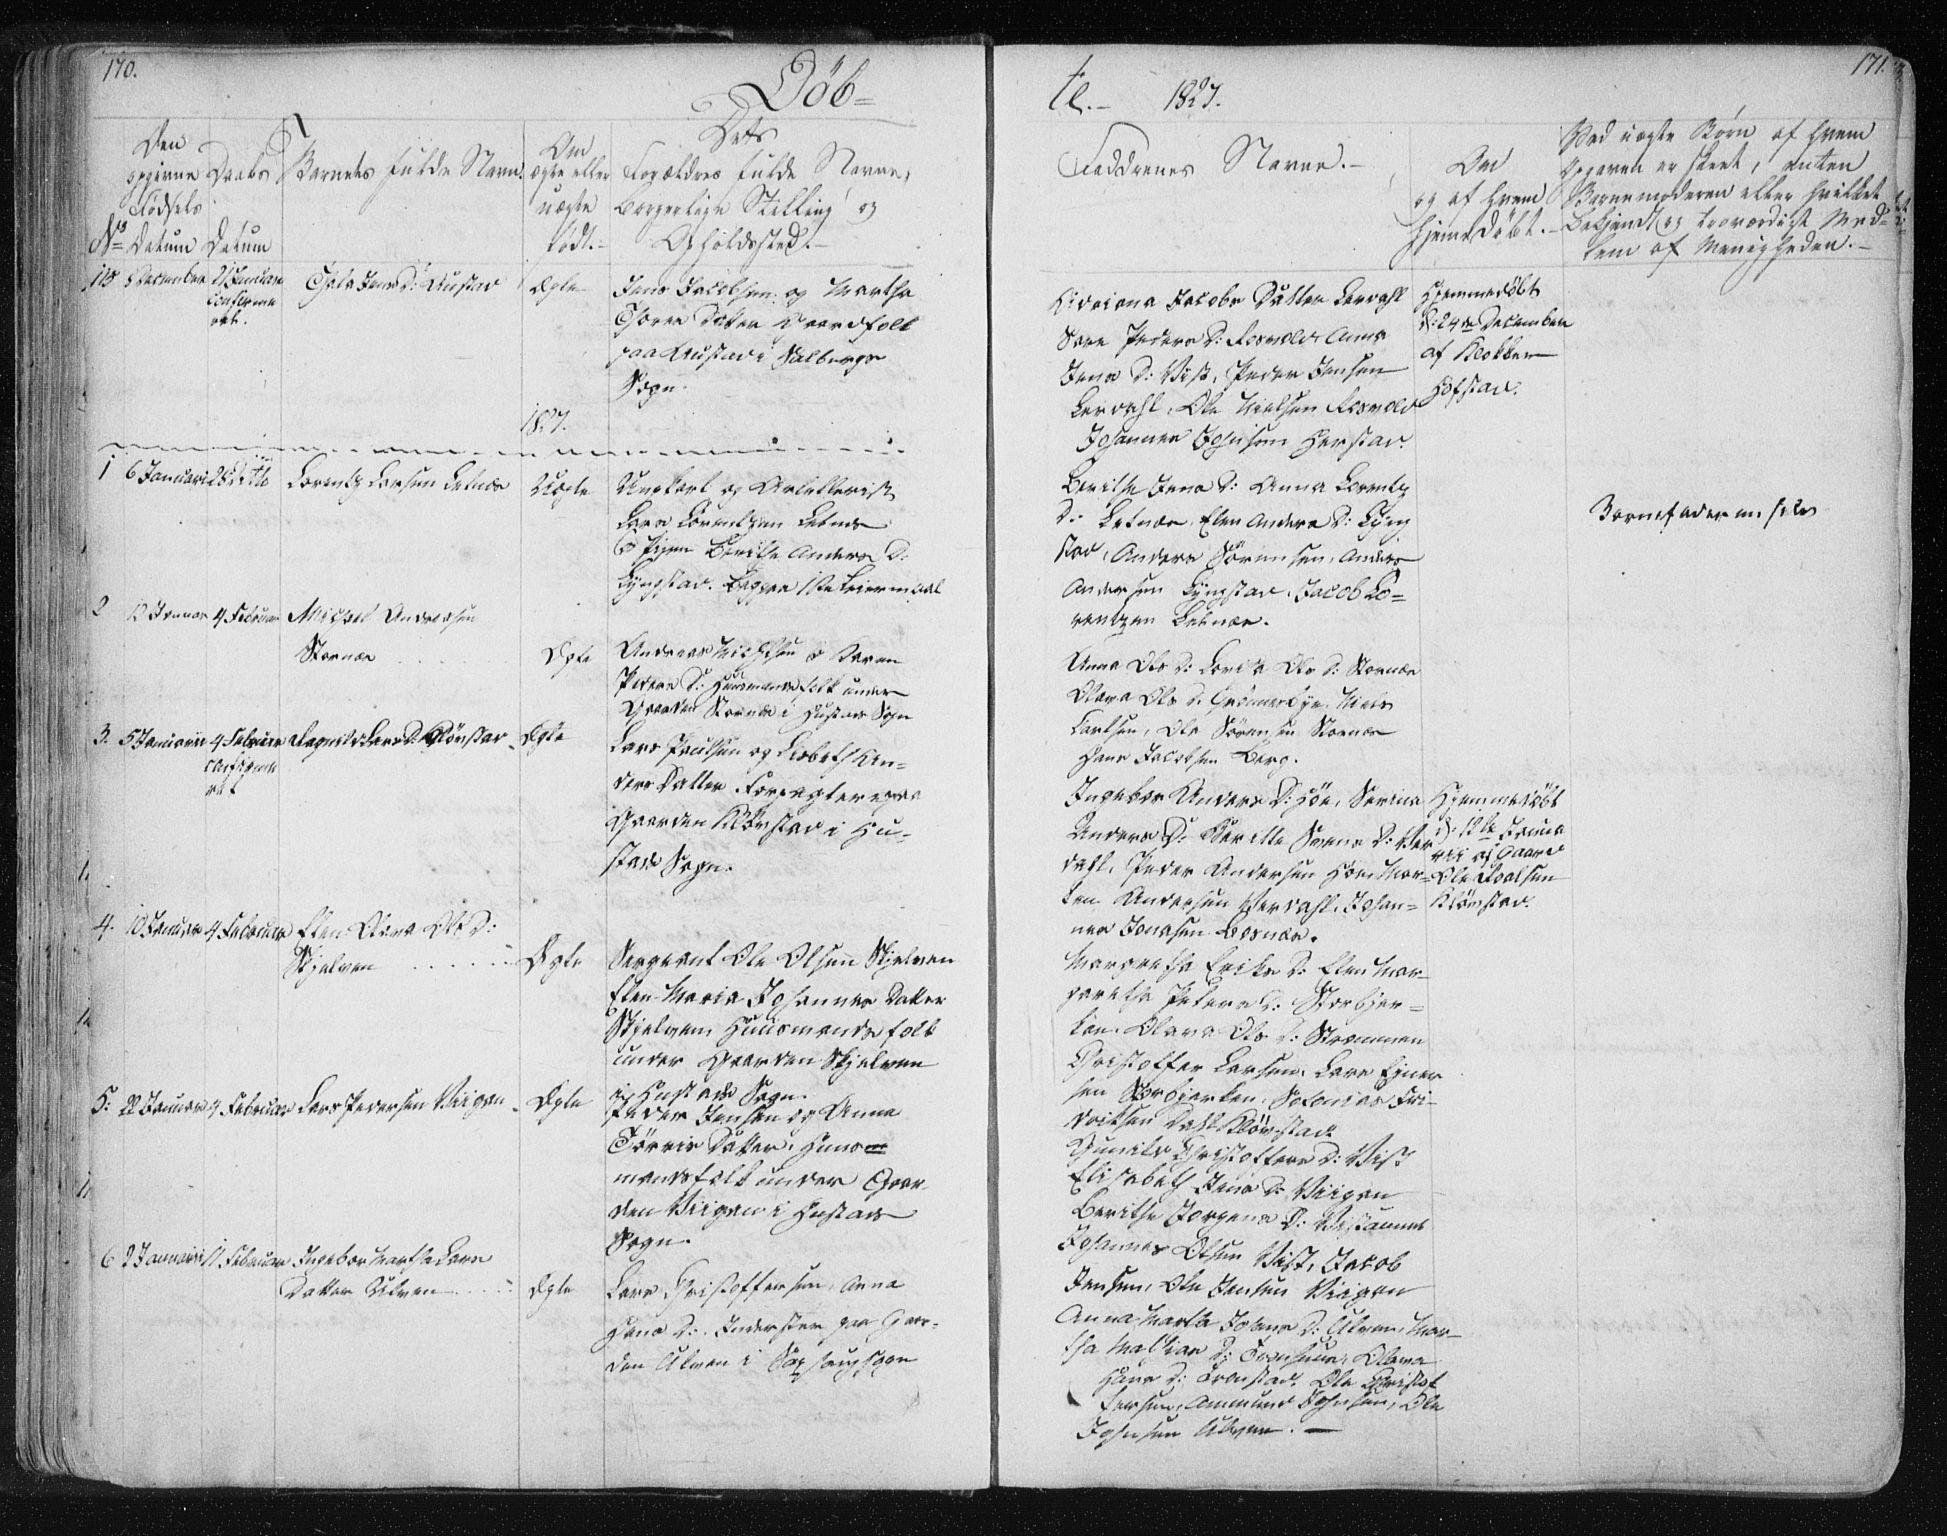 SAT, Ministerialprotokoller, klokkerbøker og fødselsregistre - Nord-Trøndelag, 730/L0276: Ministerialbok nr. 730A05, 1822-1830, s. 170-171